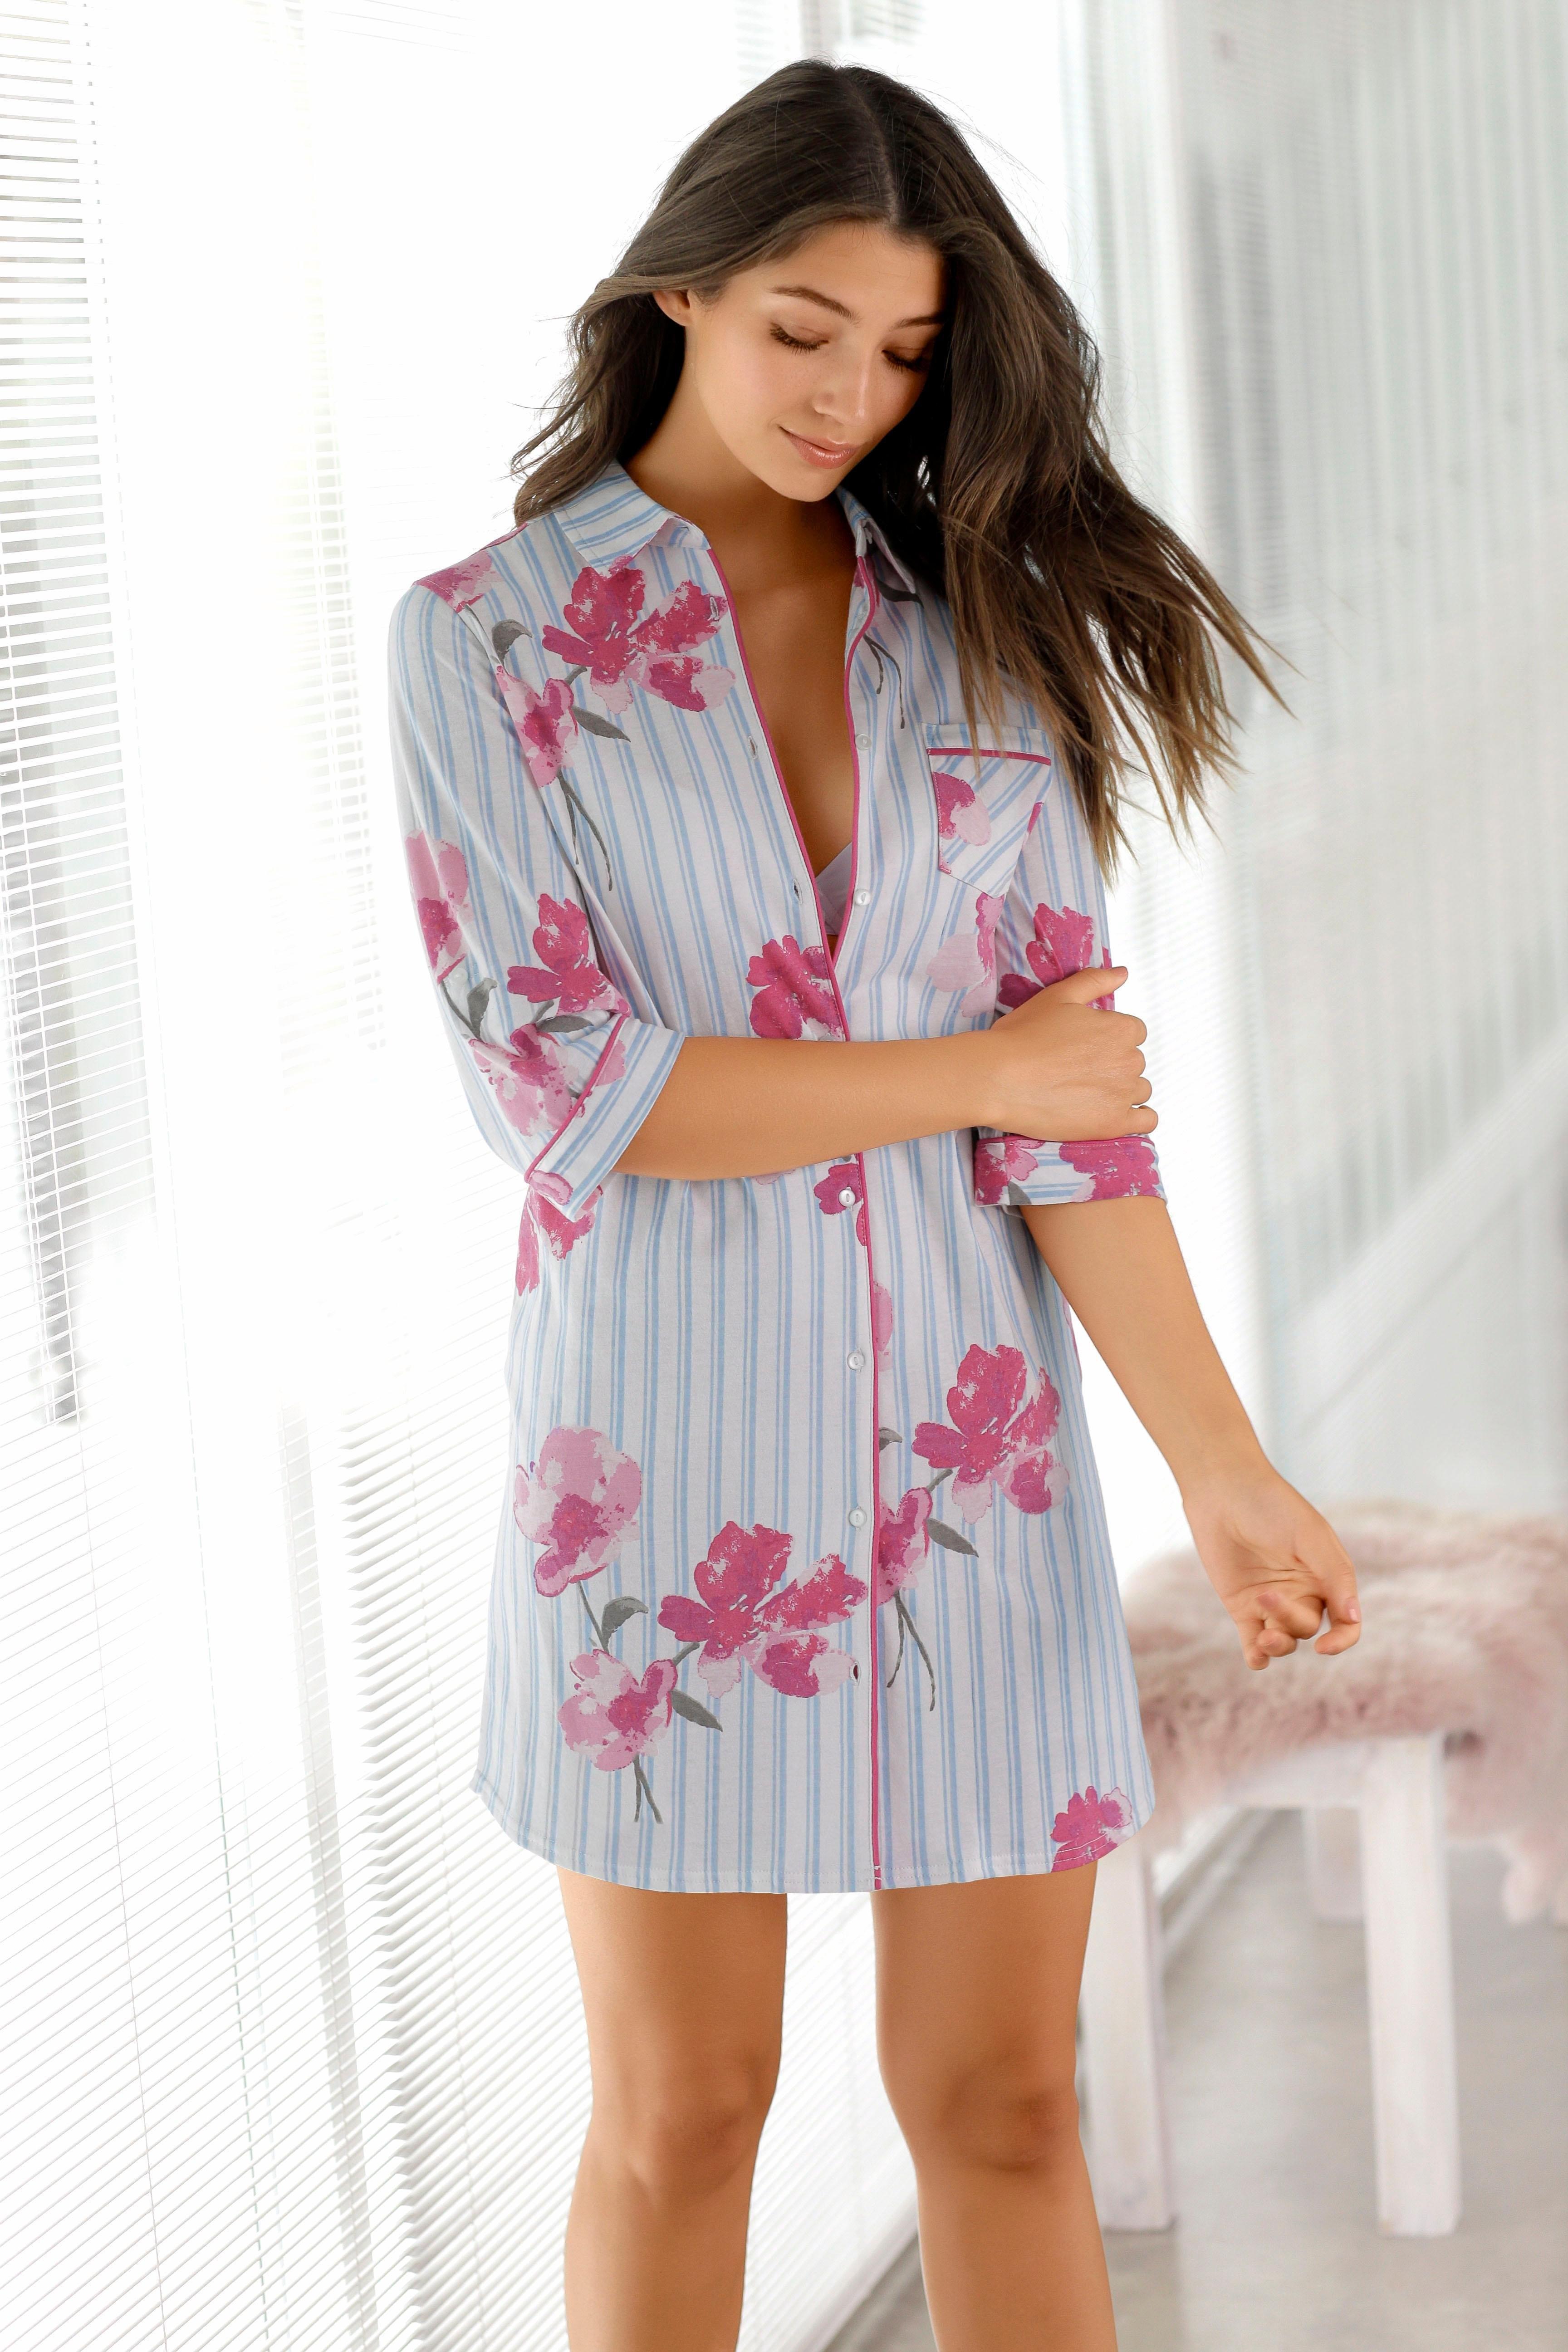 Vivance Collection Vivance Dreams nachthemd met strepen en bloemenprint bij Lascana online kopen